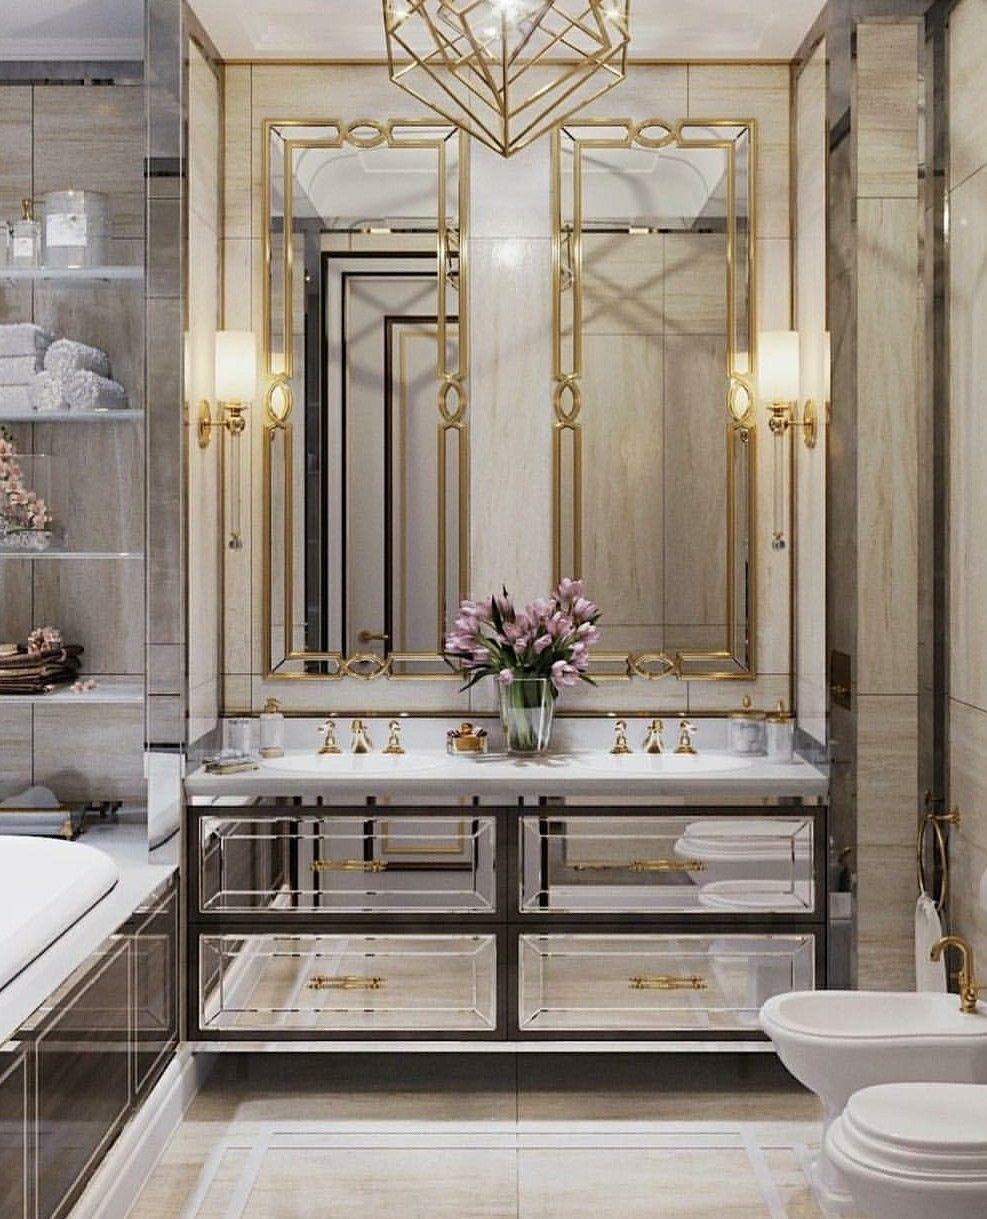 12+ Striking Classic Wall Mirror Entryway Ideas | Stylish